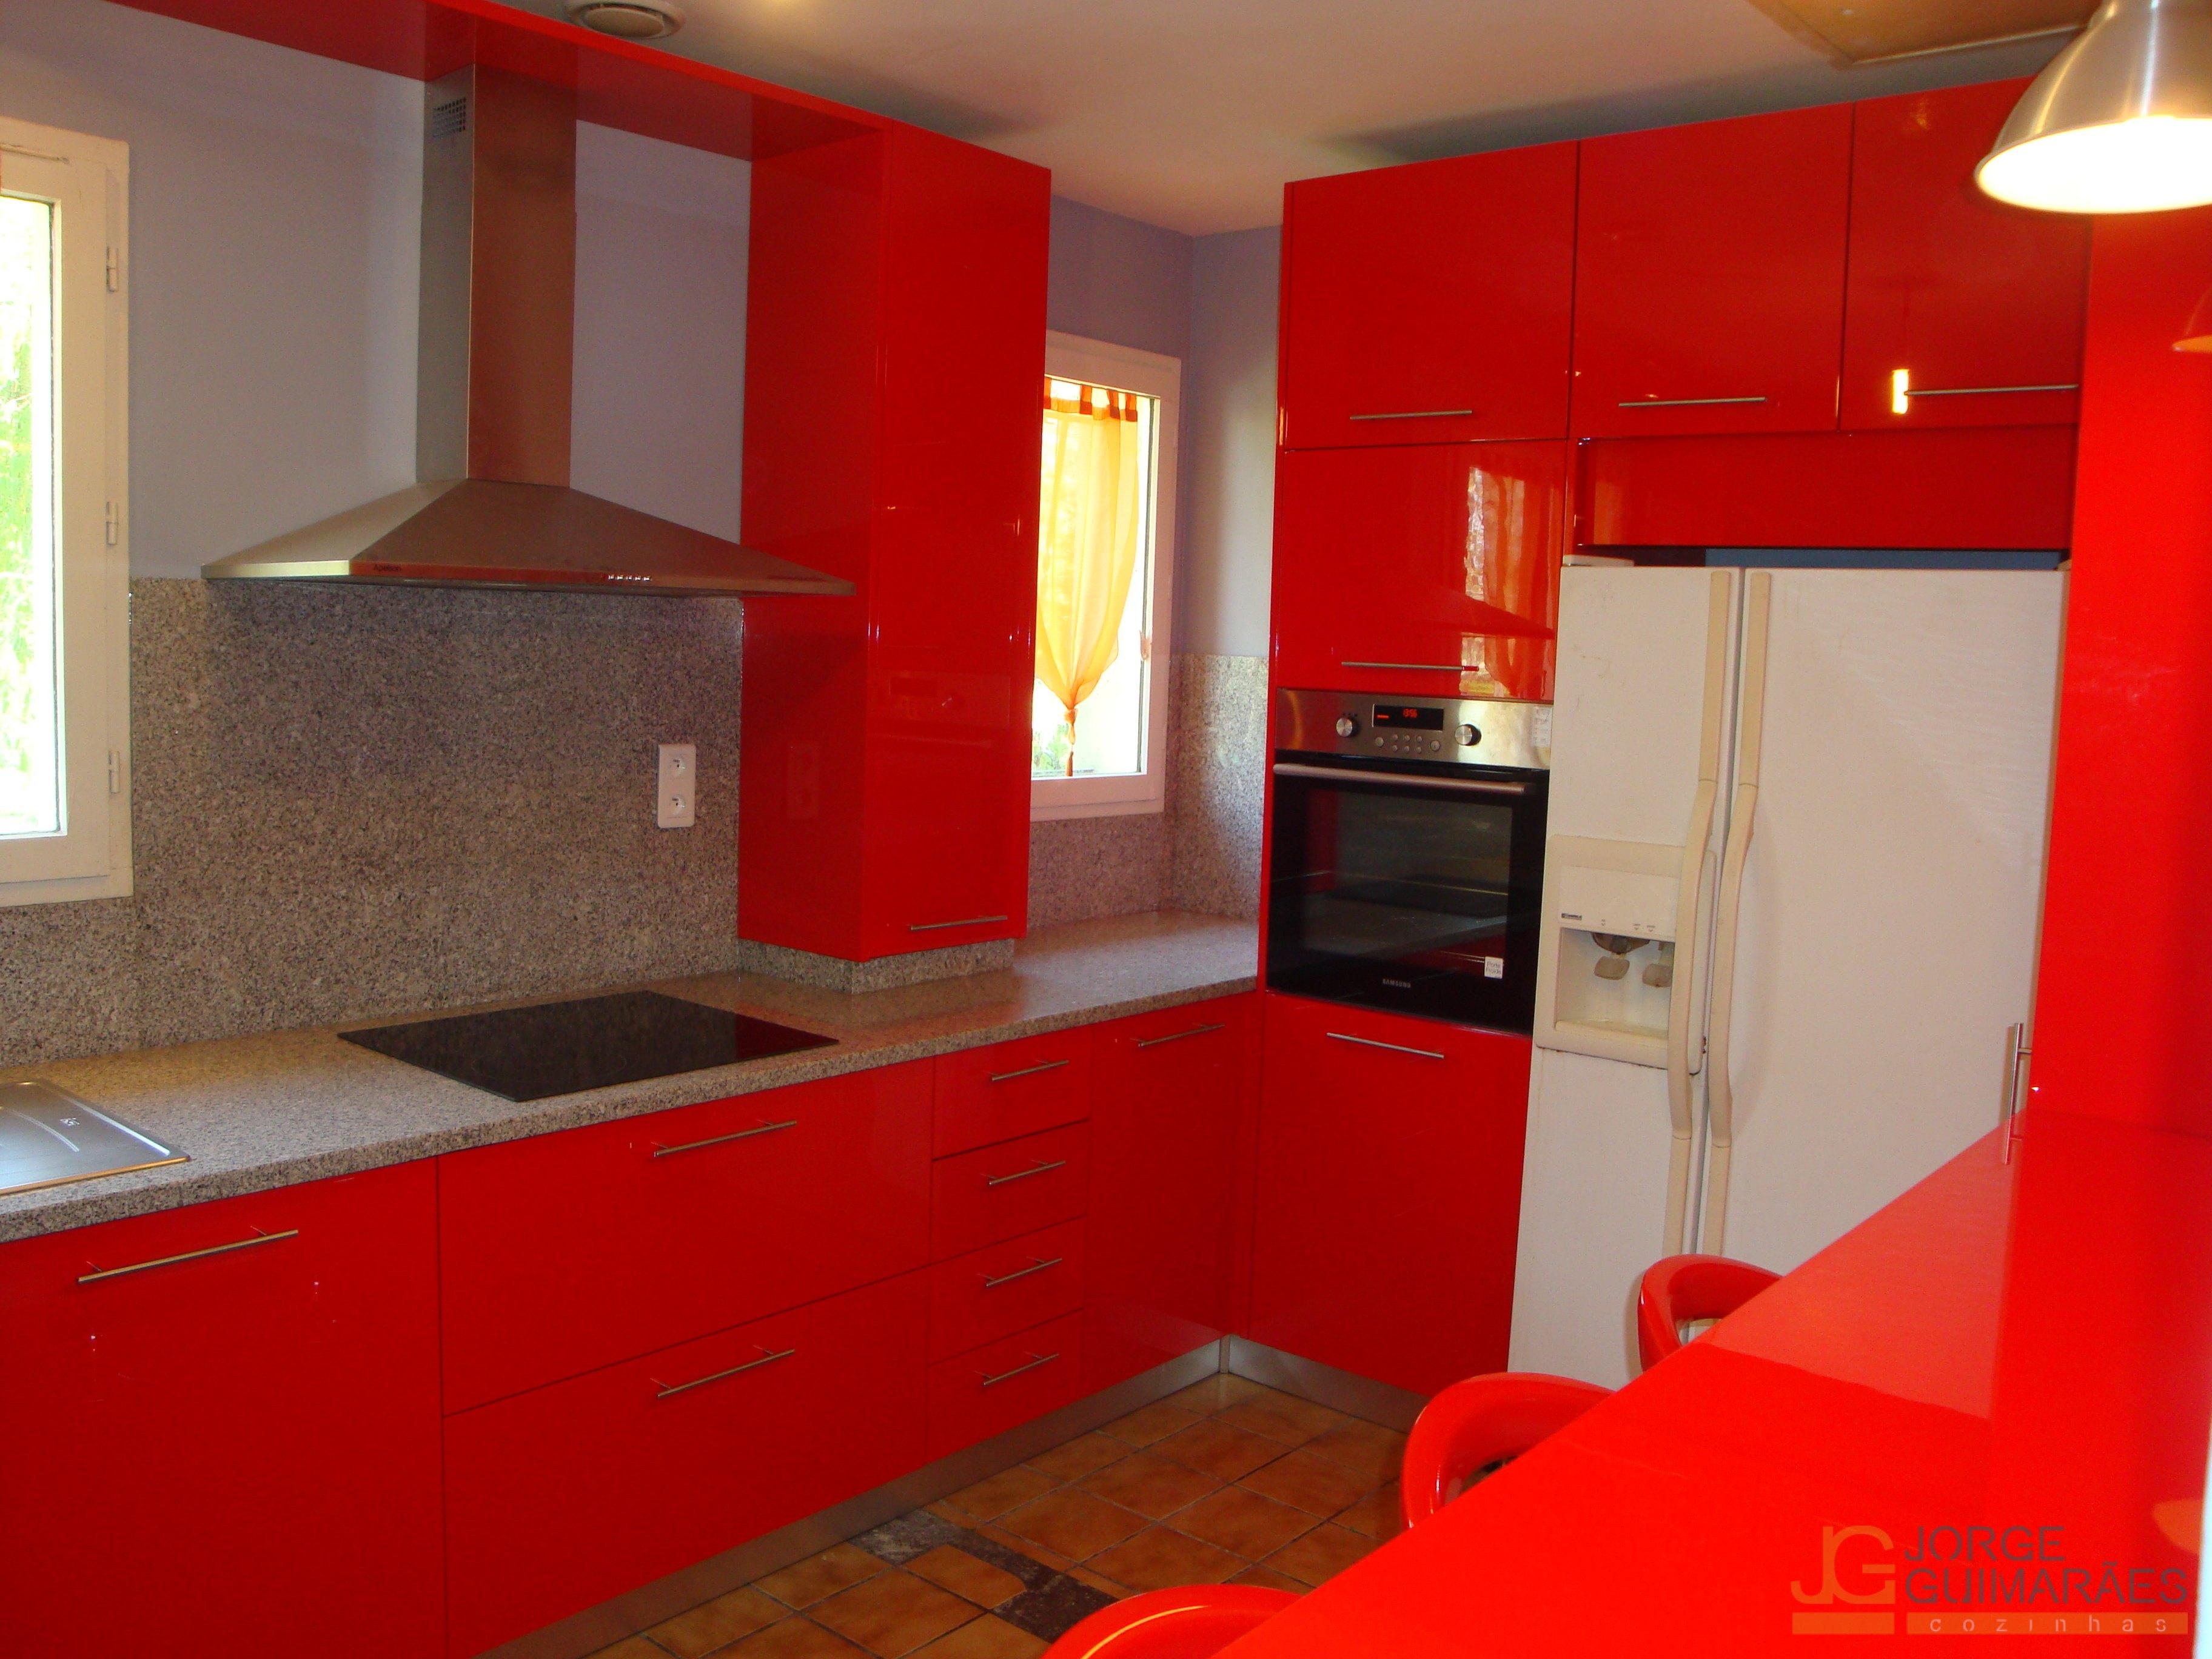 Cozinhas Jorge Guimar Es Cozinhas ~ Cozinha Cinza Com Vermelho